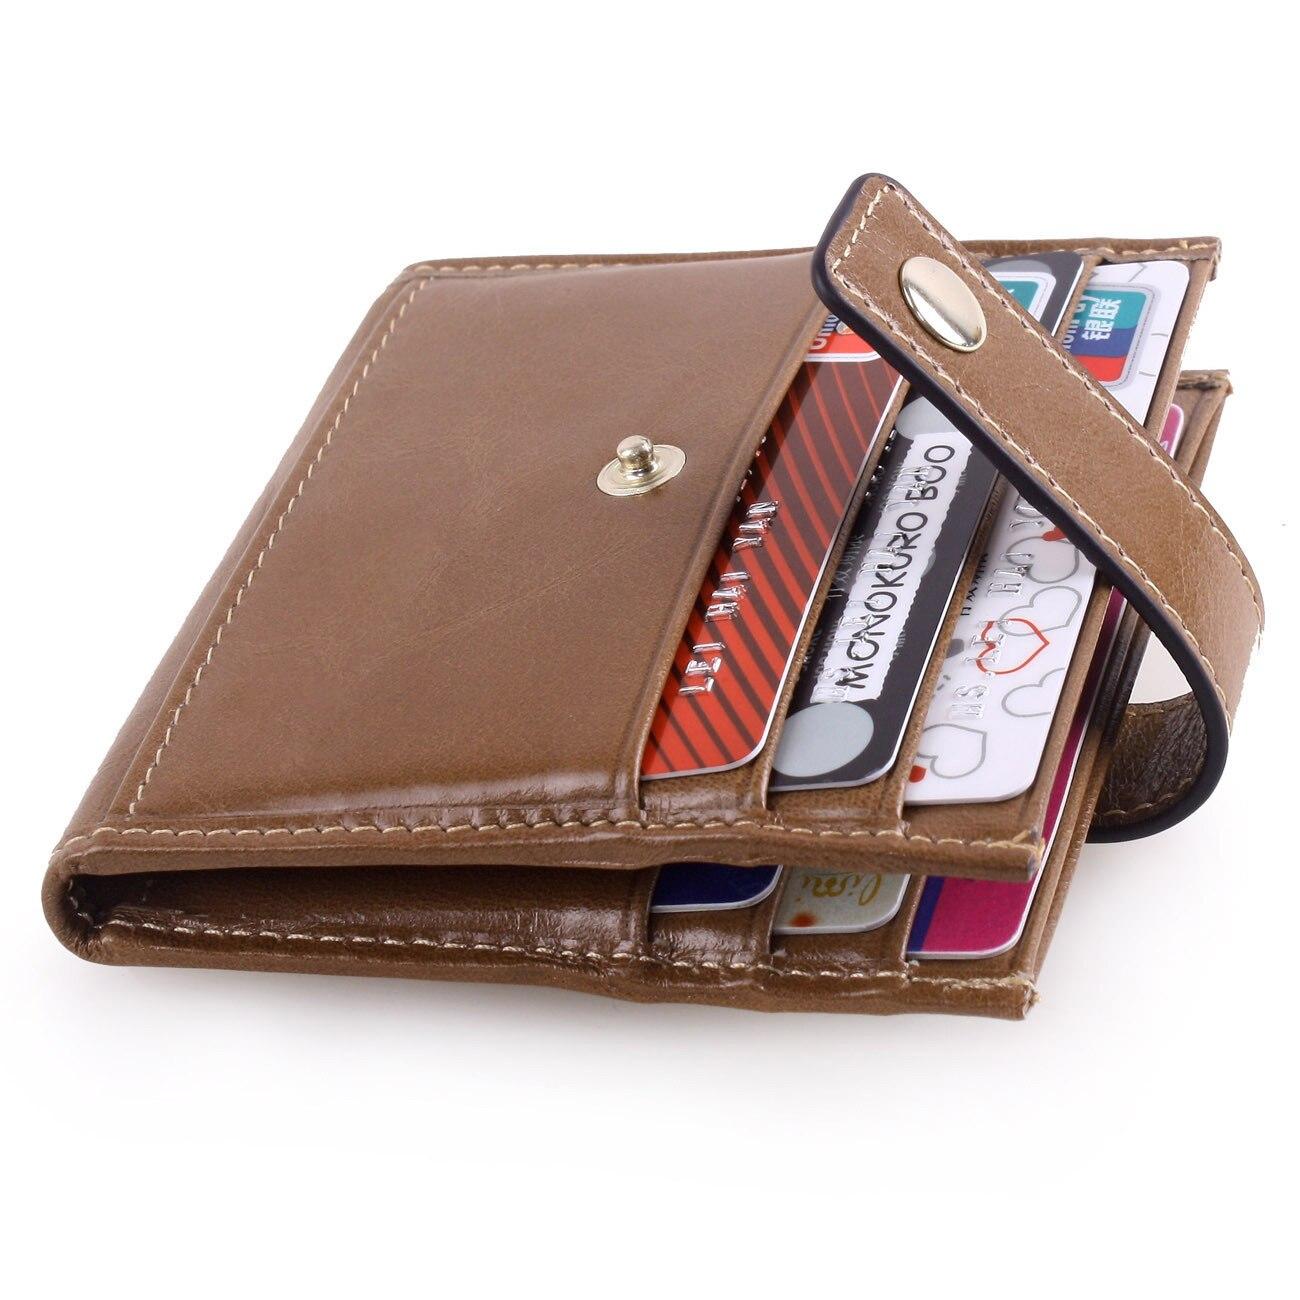 Aus Dem Ausland Importiert Neue Card Bag Identifikation-halter Echtem Leder Brieftasche Kalbsleder Schnalle Scheckkartepaket Geldbörse Männer Und Frauen Universal Business Attraktives Aussehen